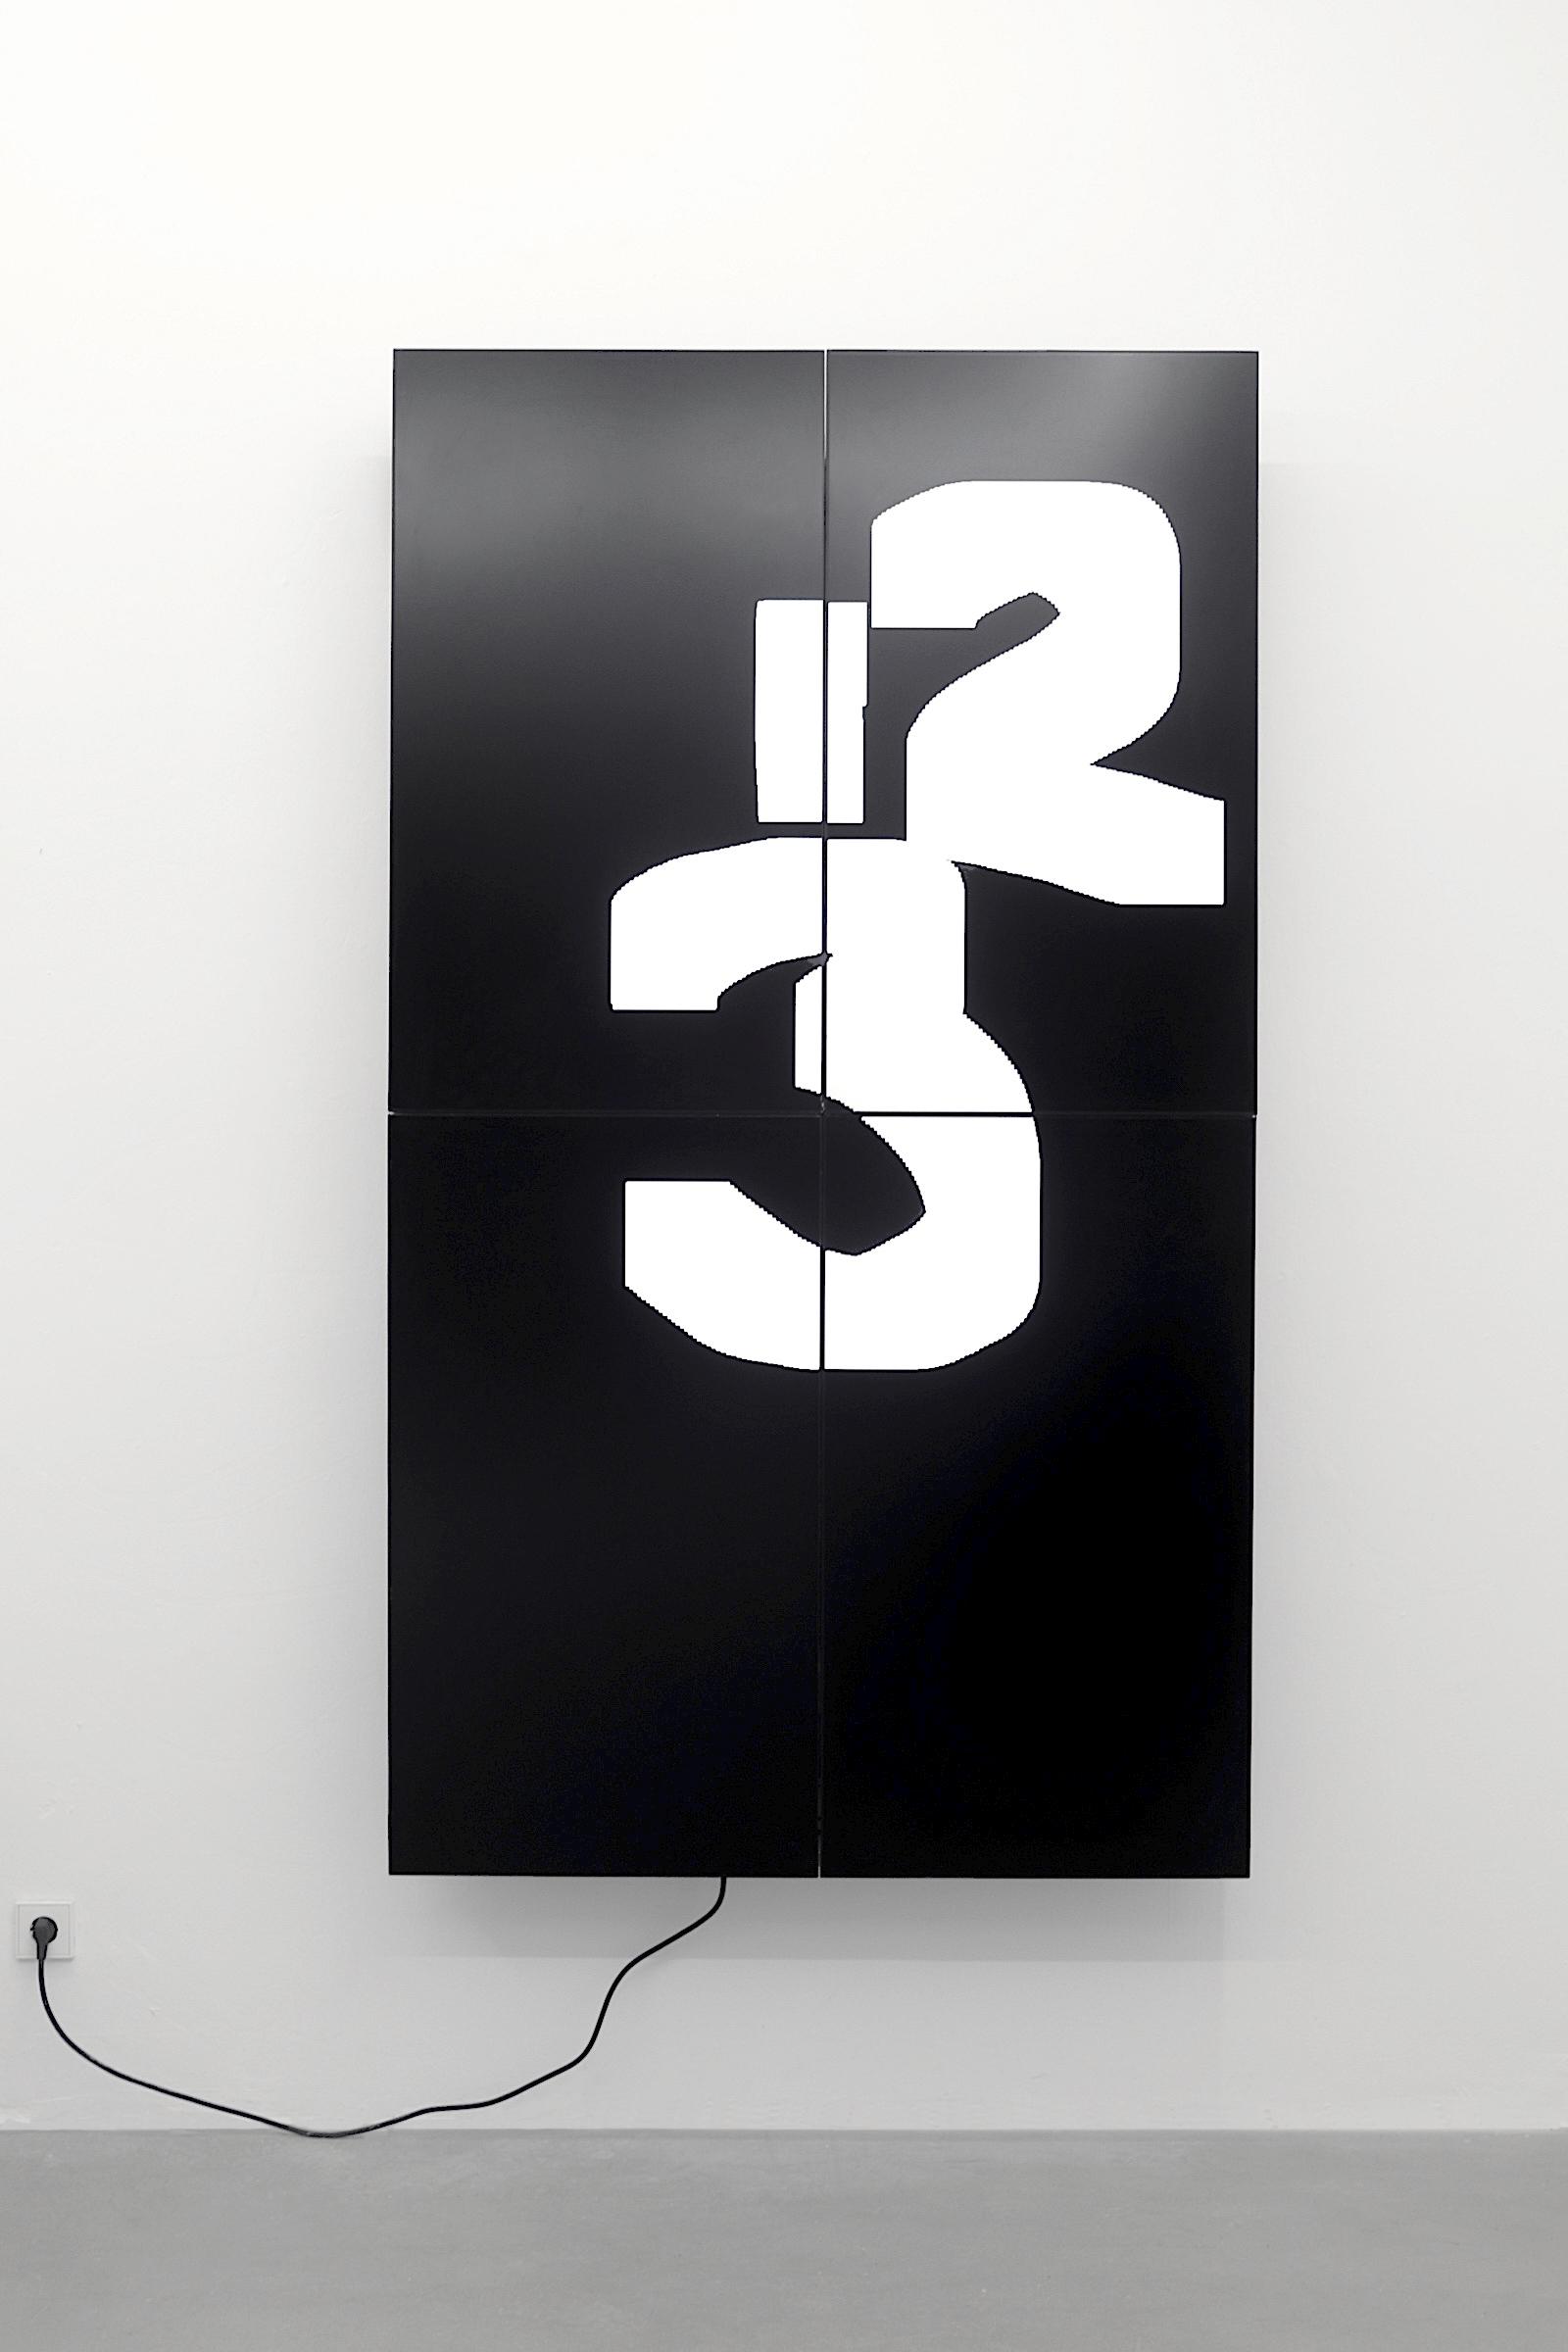 Triple, Oleksiy Koval, Full HD, digital painting 2021